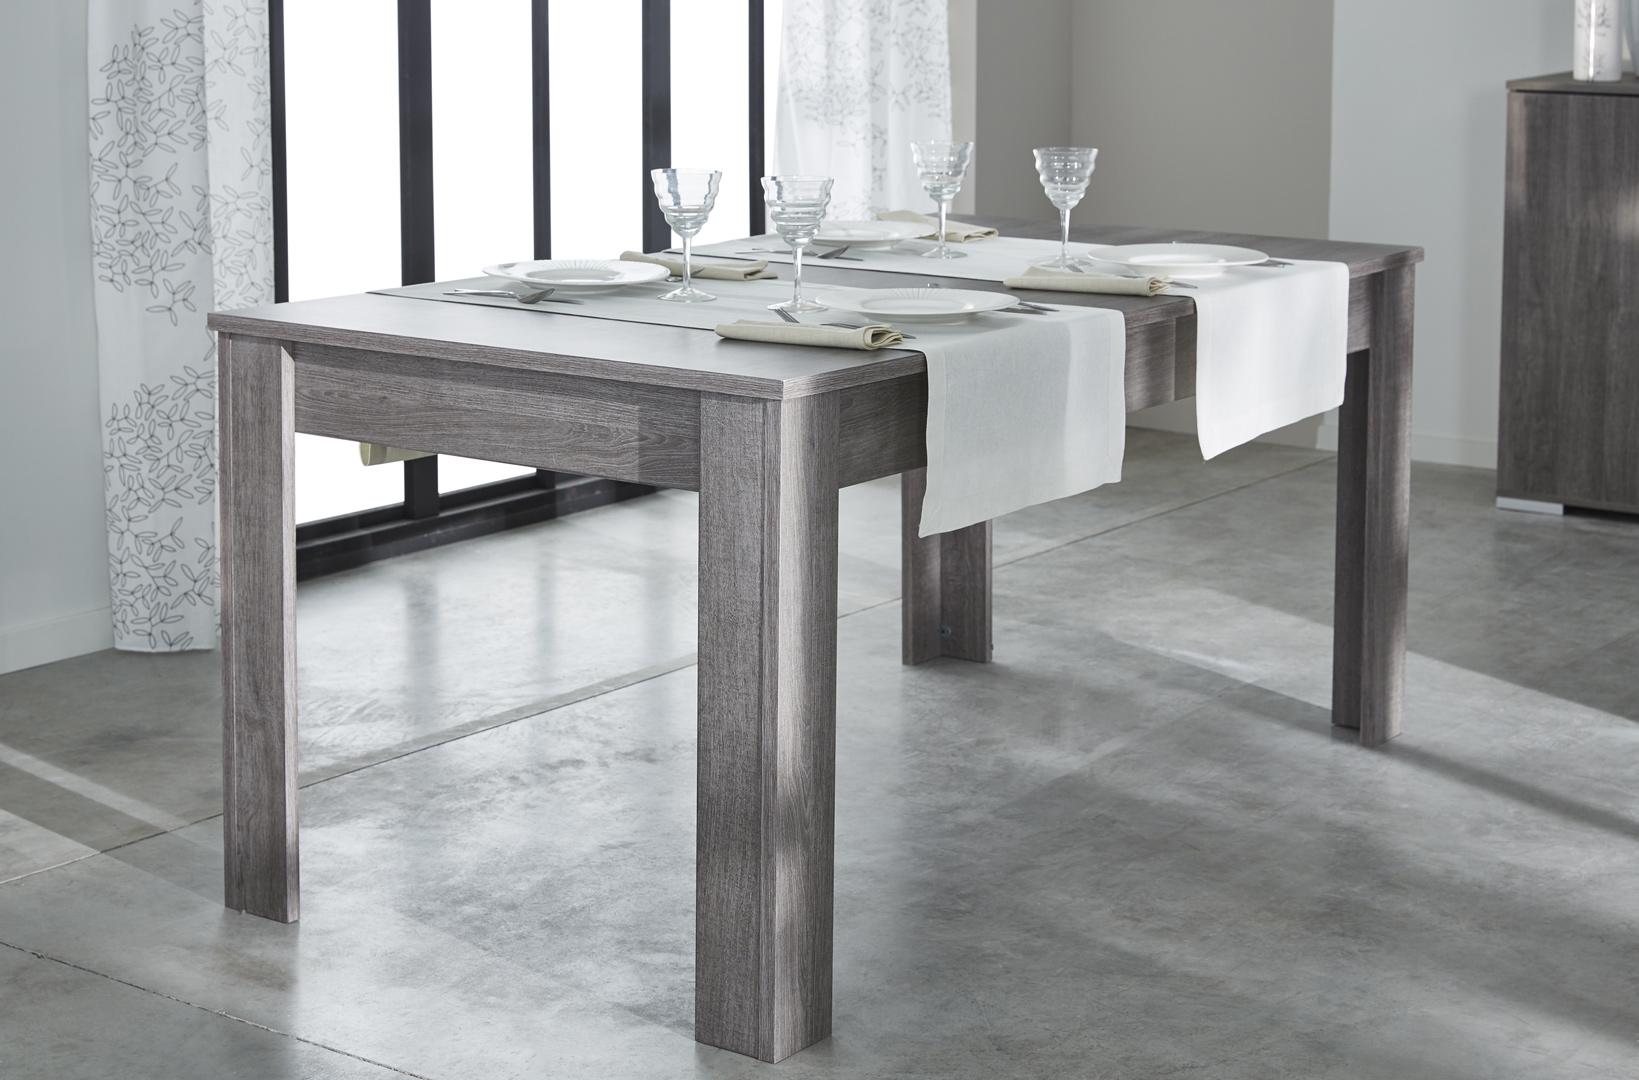 Table de salle à manger contemporaine rectangulaire chêne foncé Murano